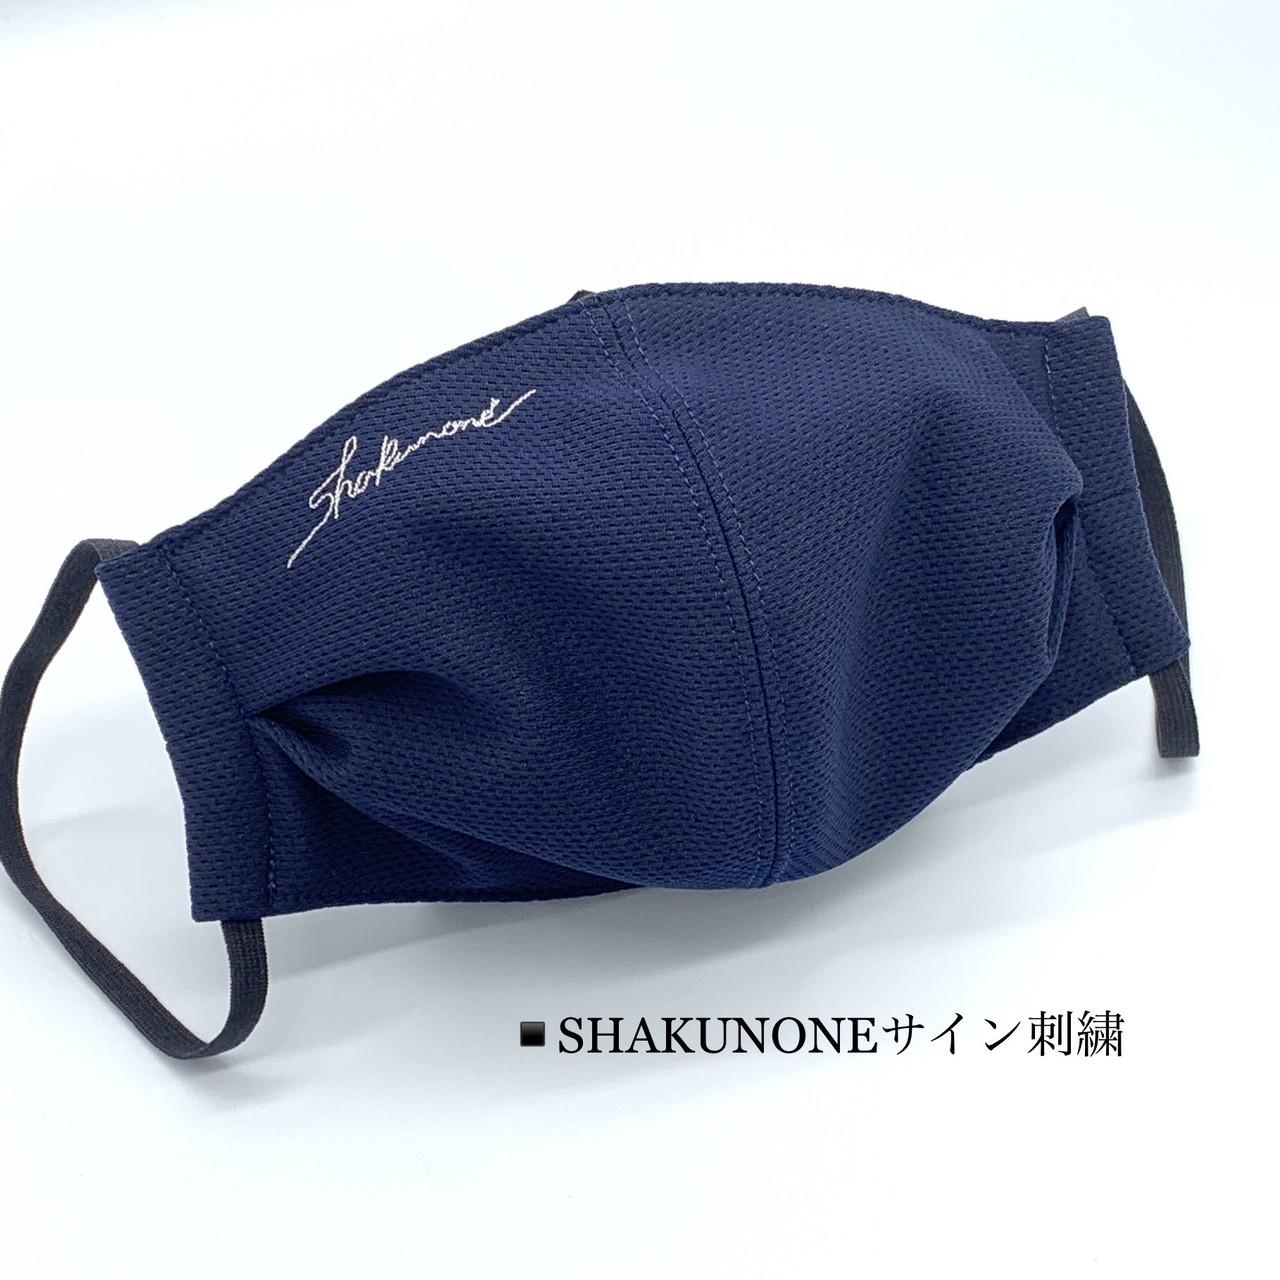 【快適マスク「さら衣」SHAKUNONEサイン】ネイビー NS 着る感覚のマスク〈日本製〉抗菌防臭--UVカット--phコントロール